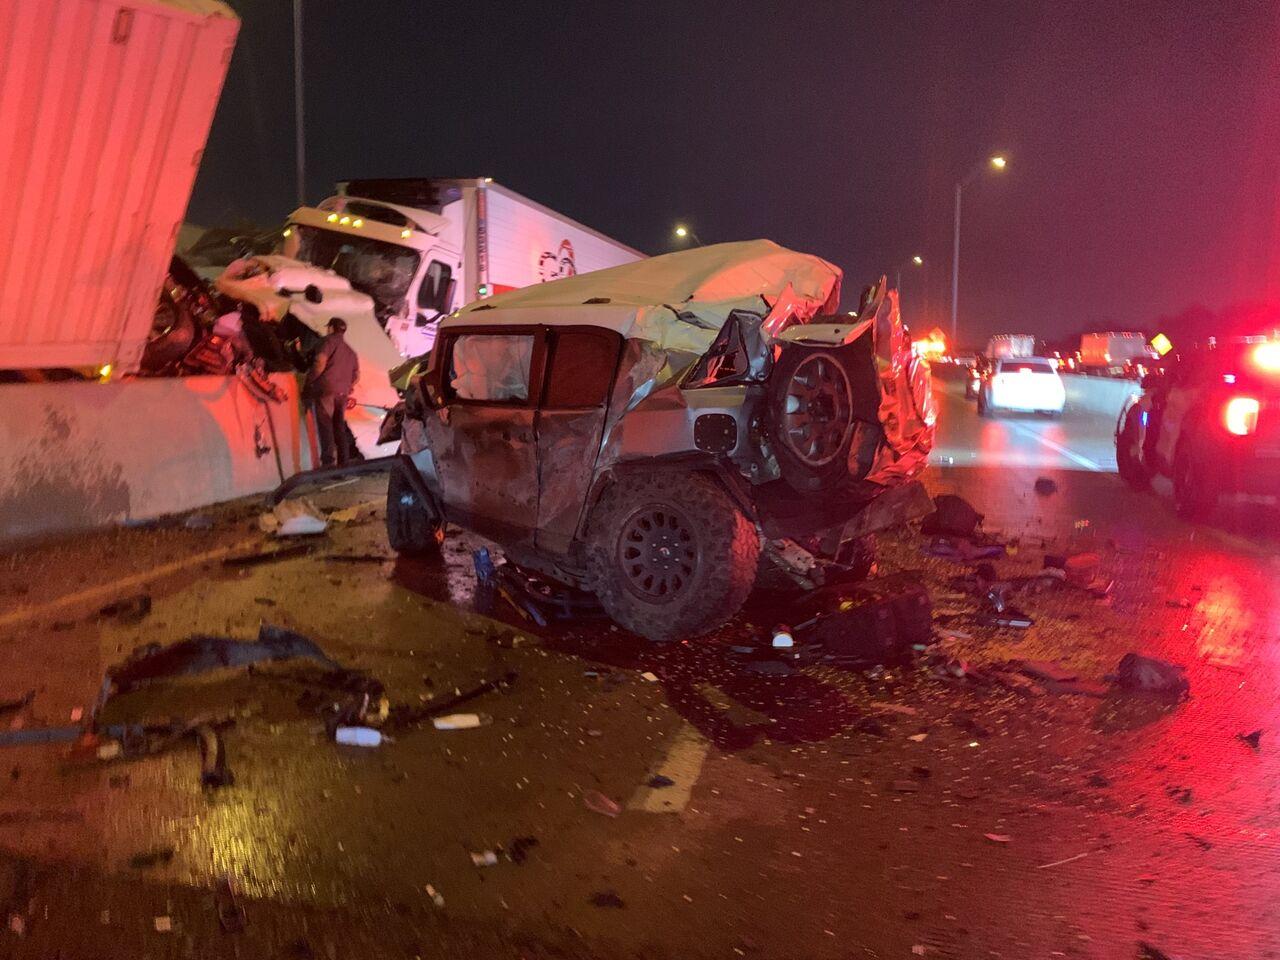 『テキサス130台玉突き事故』トヨタFJクルーザー大破も、運転者は無傷で救護活動の英雄に